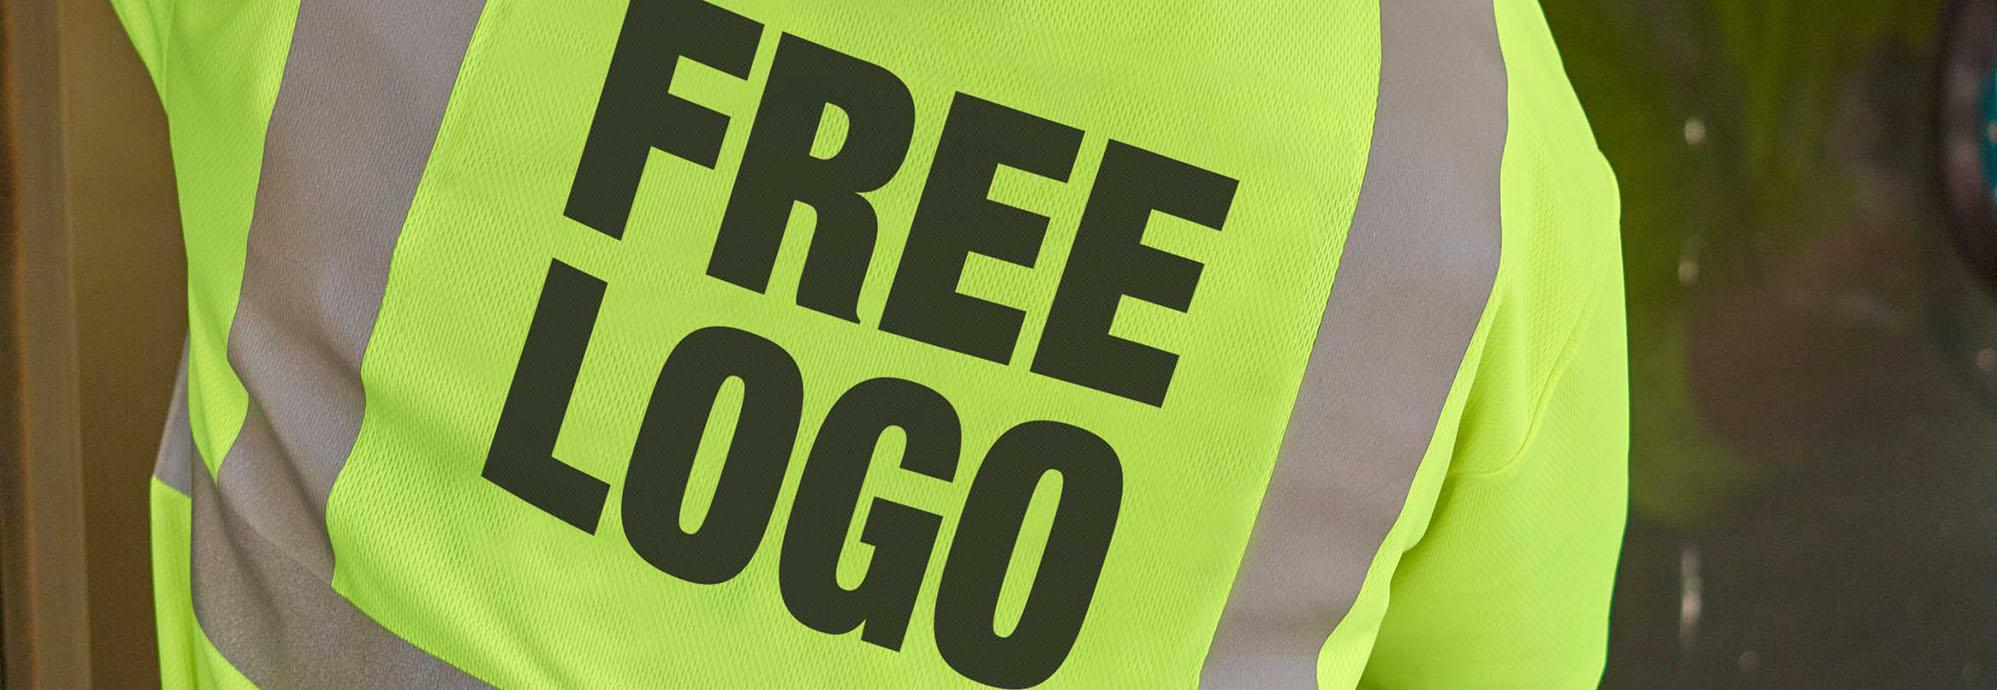 MCR Safety Hi-Vis Free Logo Promotion